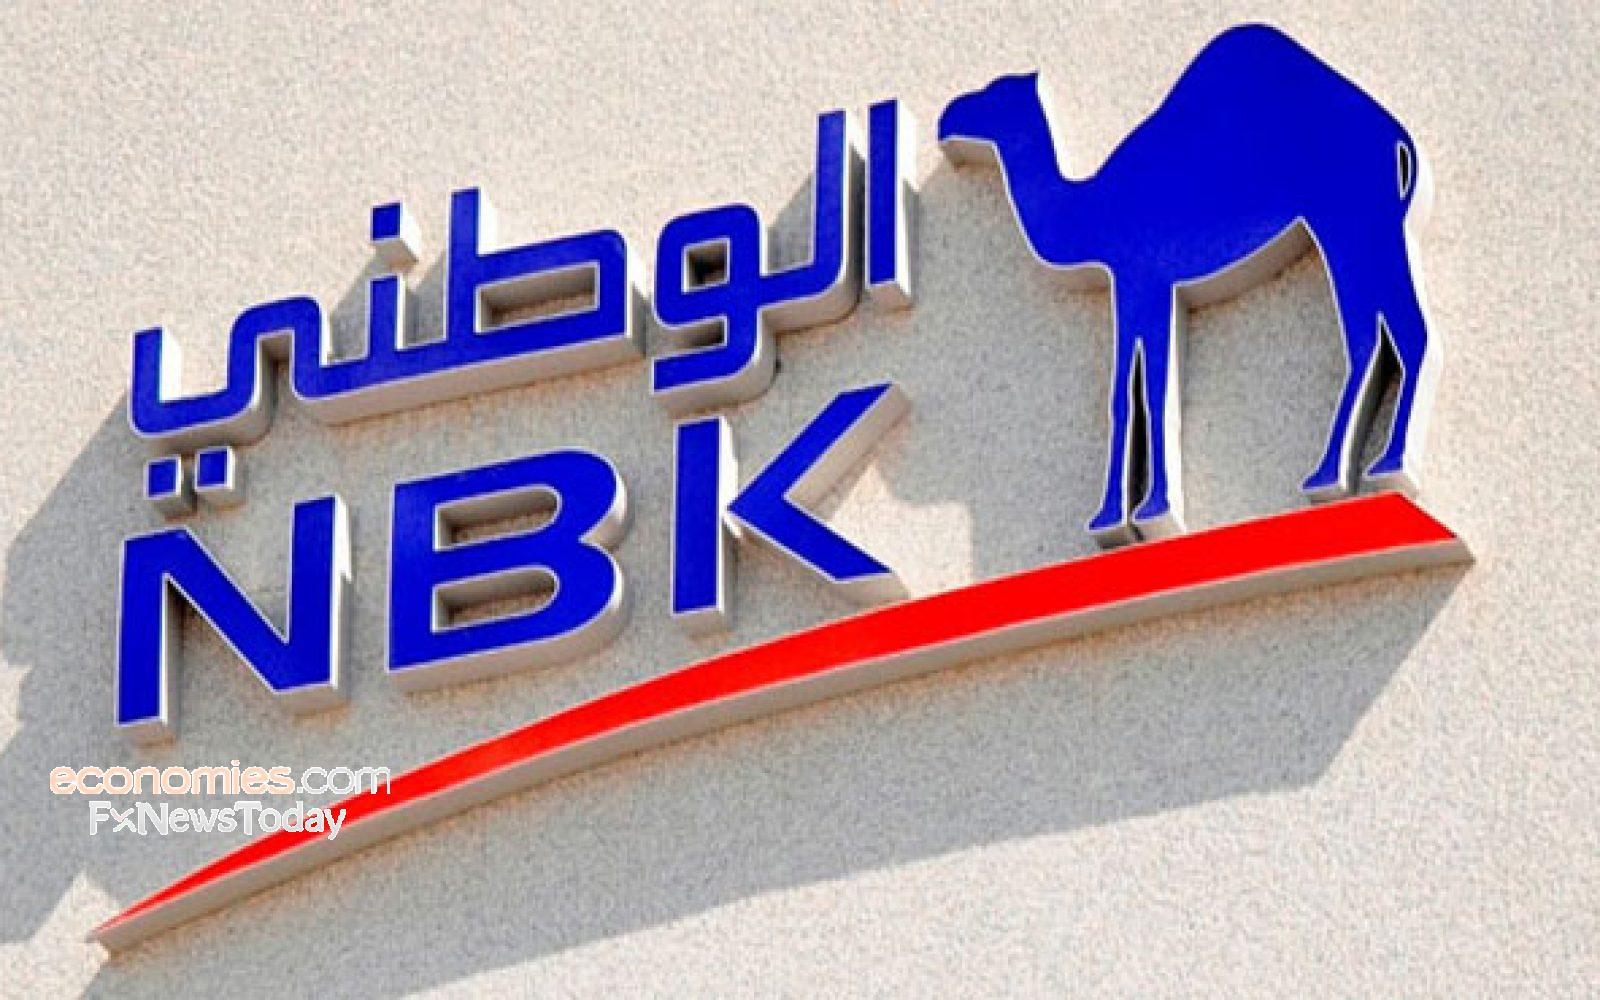 بنك الكويت الوطني يُعيد شراء اوراق مالية ويُصدر أوراق مالية مساندة